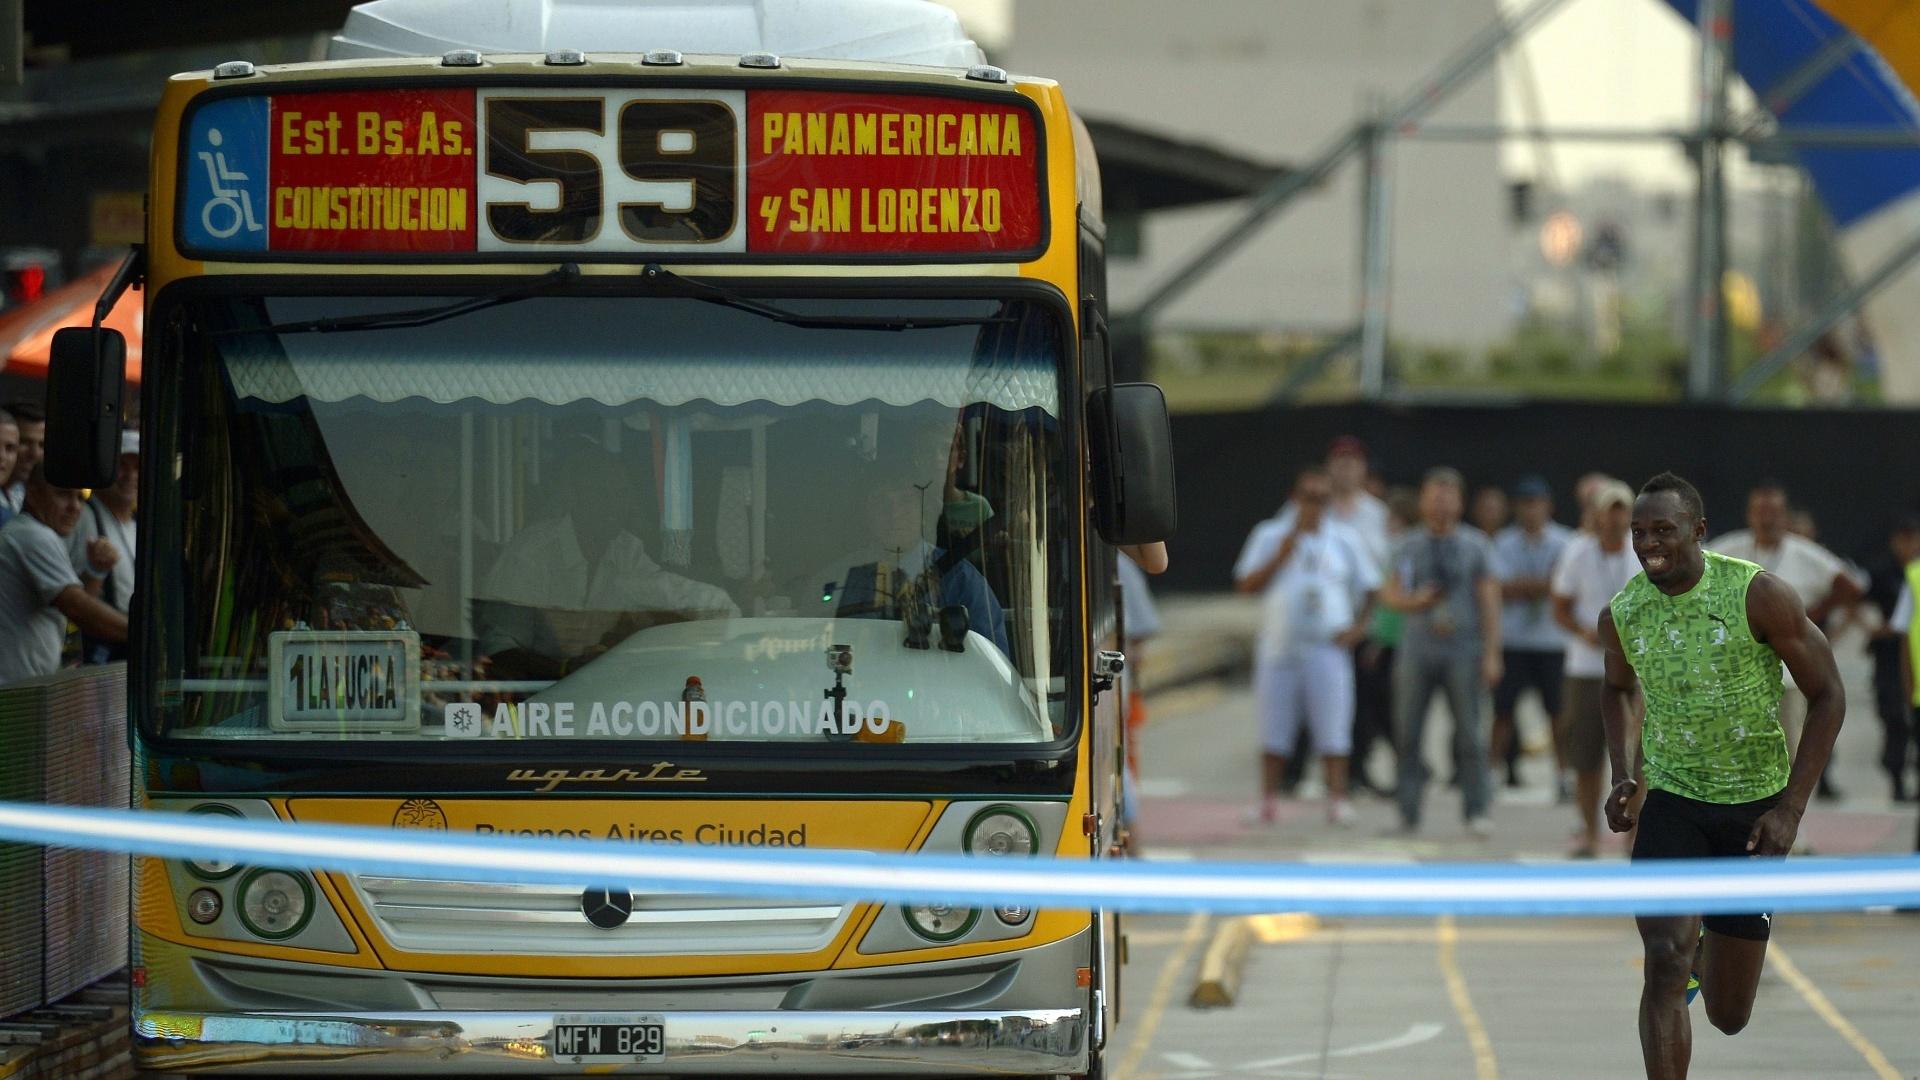 14.dez.2013 - O atleta jamaicano Usain Bolt apostou corrida com um ônibus em evento de exibição na capital da Argentina, Buenos Aires